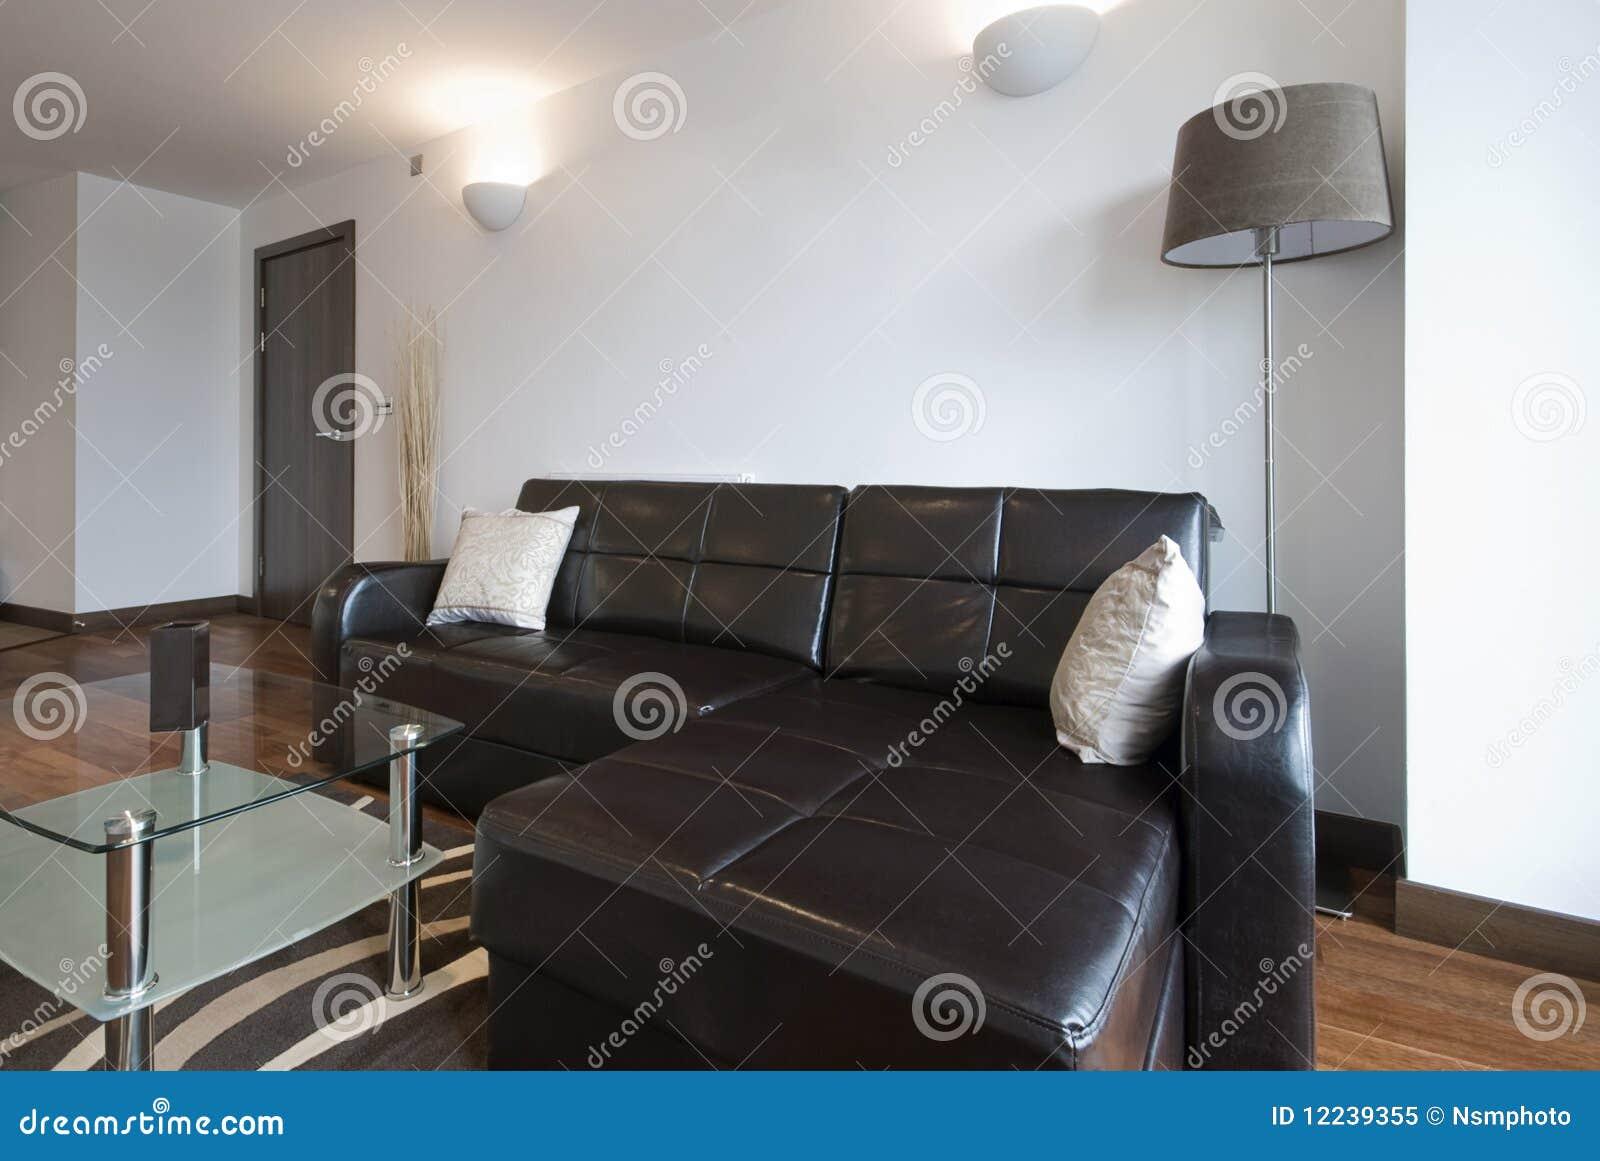 Sala de estar moderna con el sof de la esquina de cuero for Sala de estar moderna grande